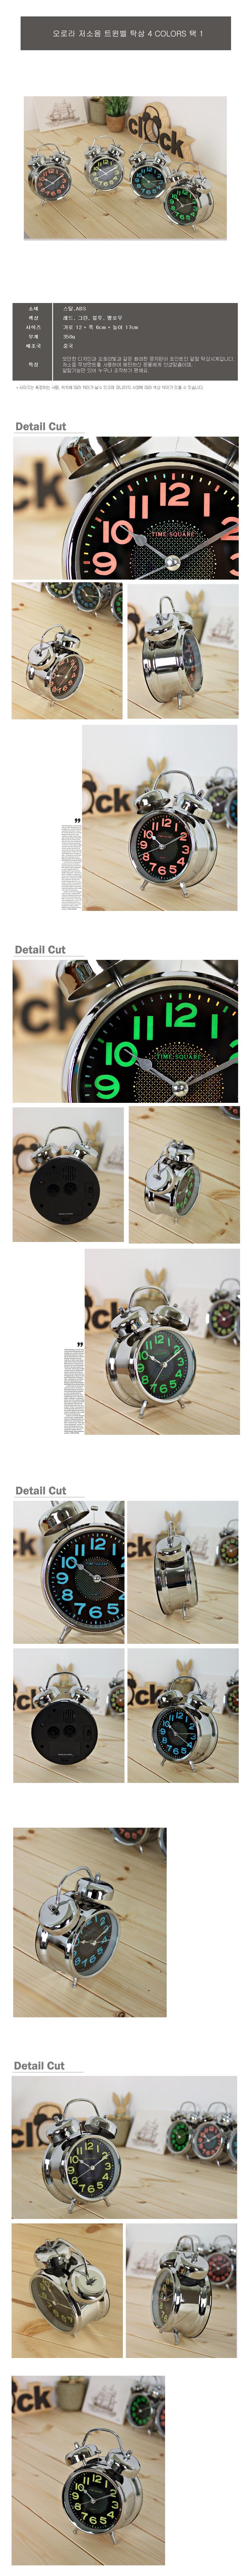 오로라 저소음 트윈벨 탁상 4 COLORS - 키다리, 19,800원, 알람/탁상시계, 디자인시계